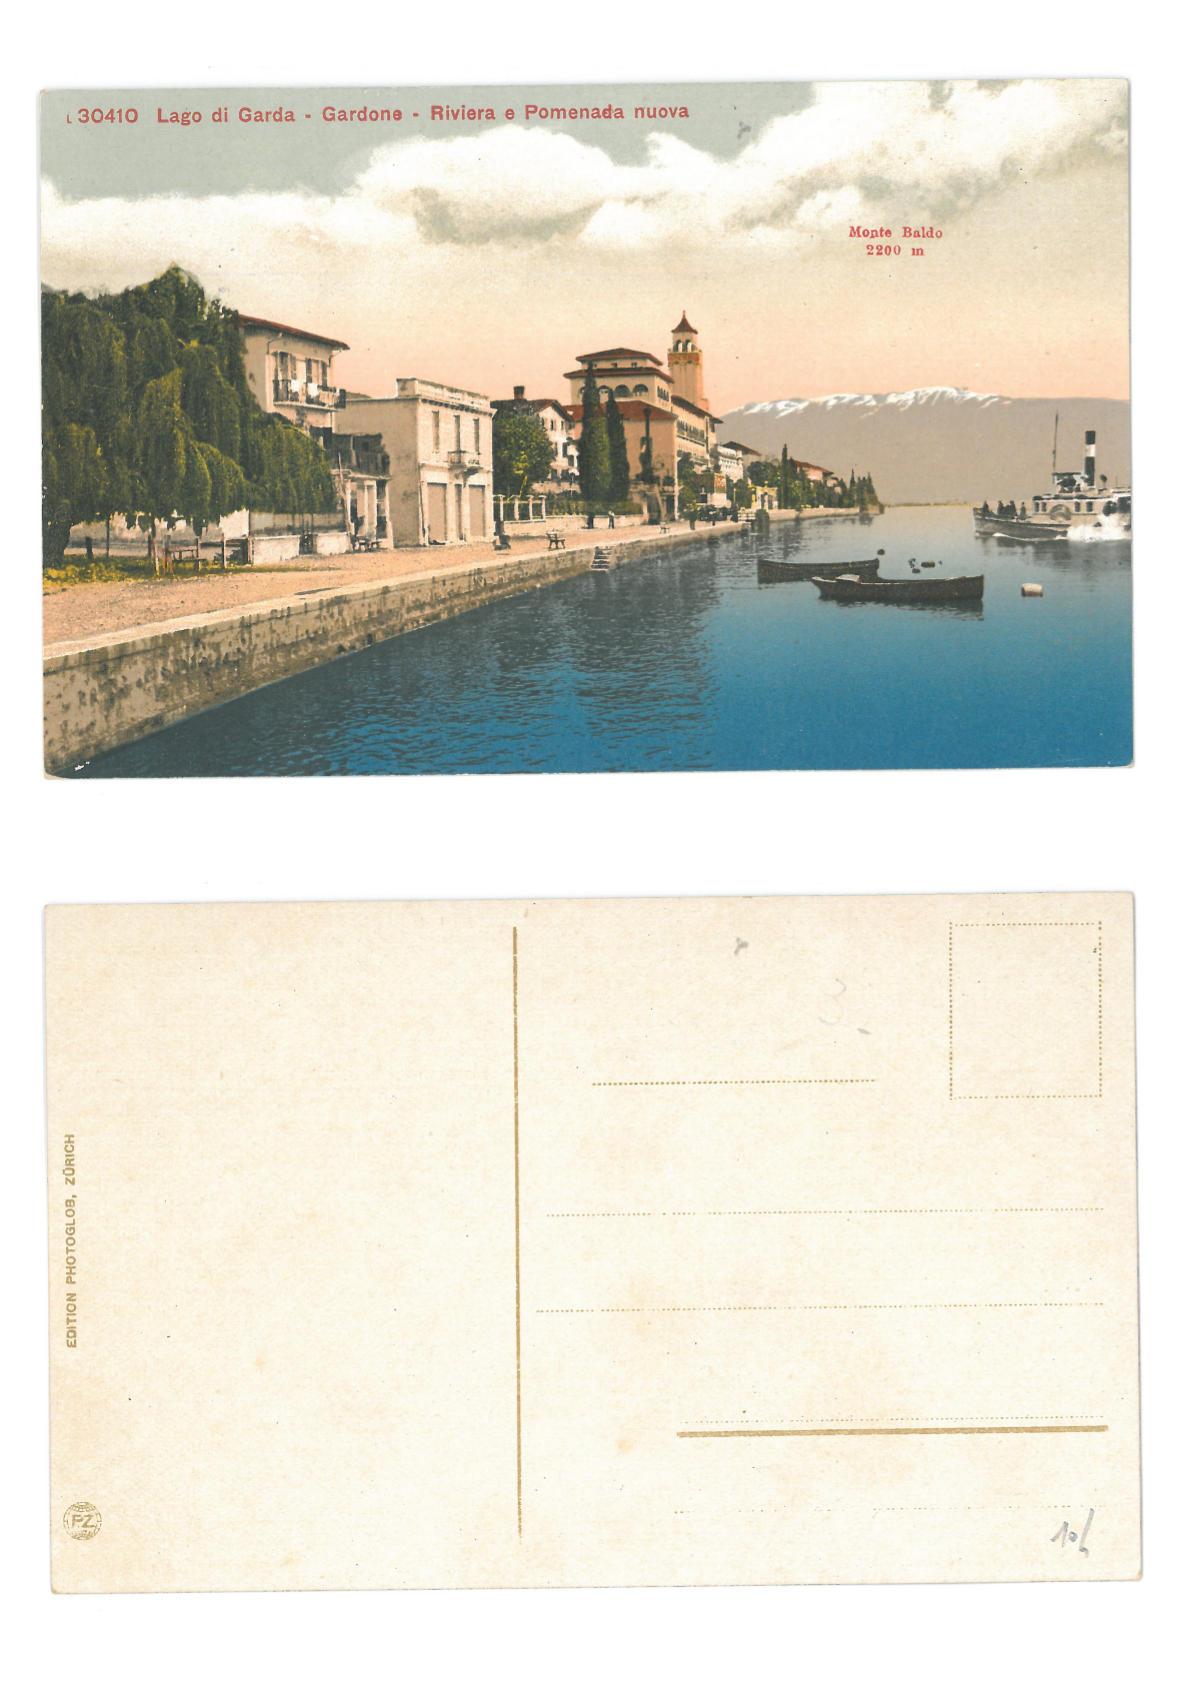 Gardone - Riviera e Promenada Nuova